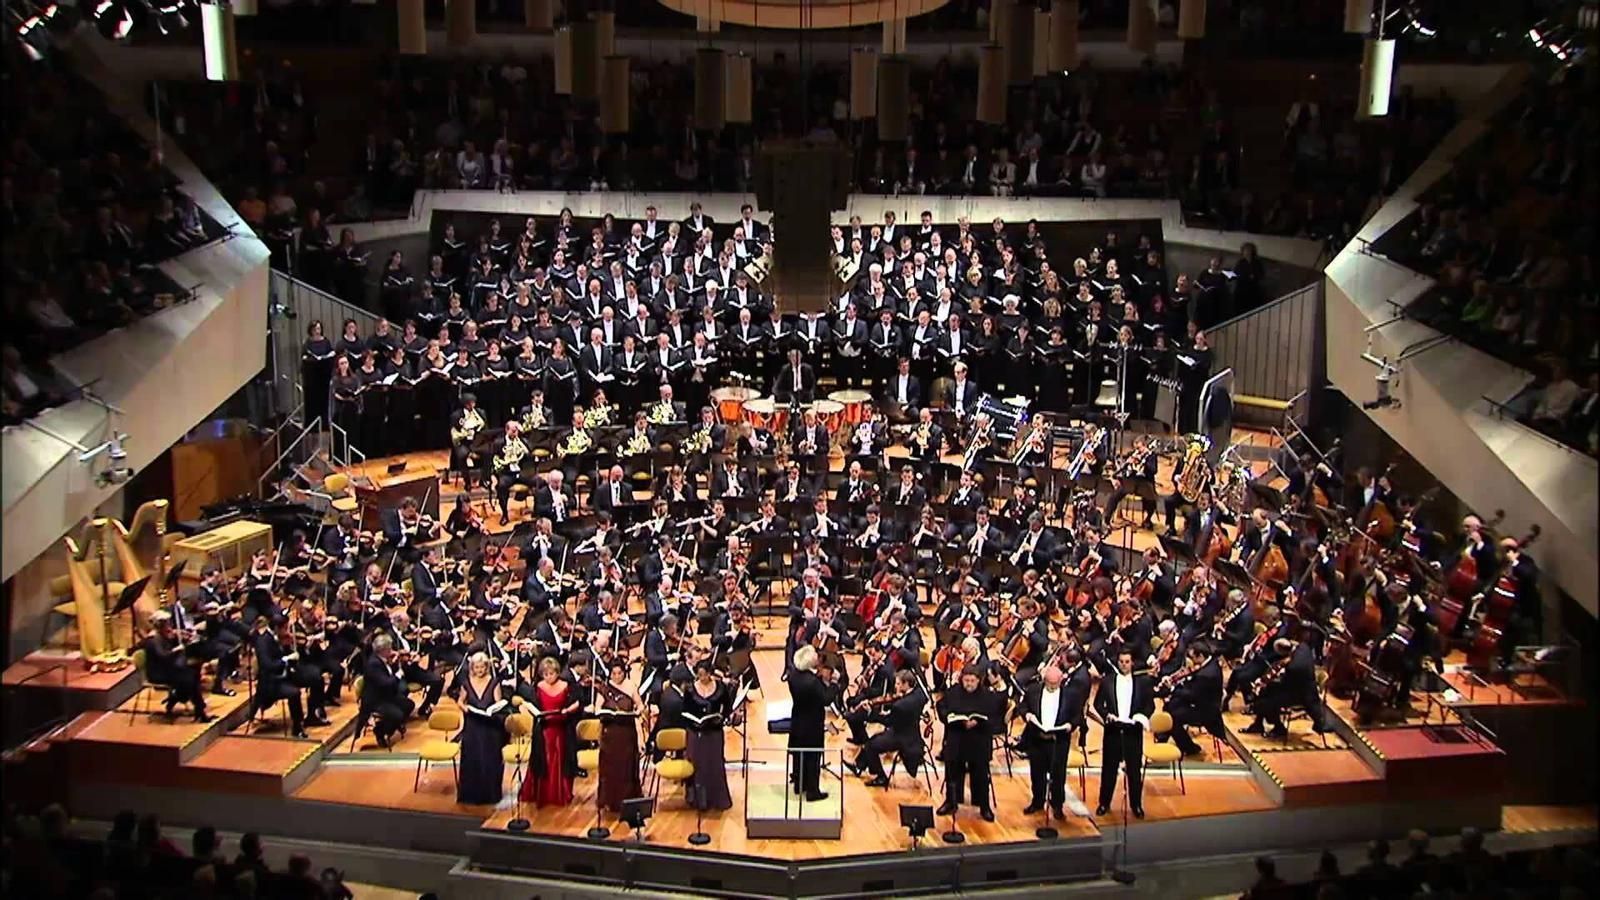 Imatge d'arxiu de l'orquesta Filharmònica de Berlín. / Berlin Philarmoniker